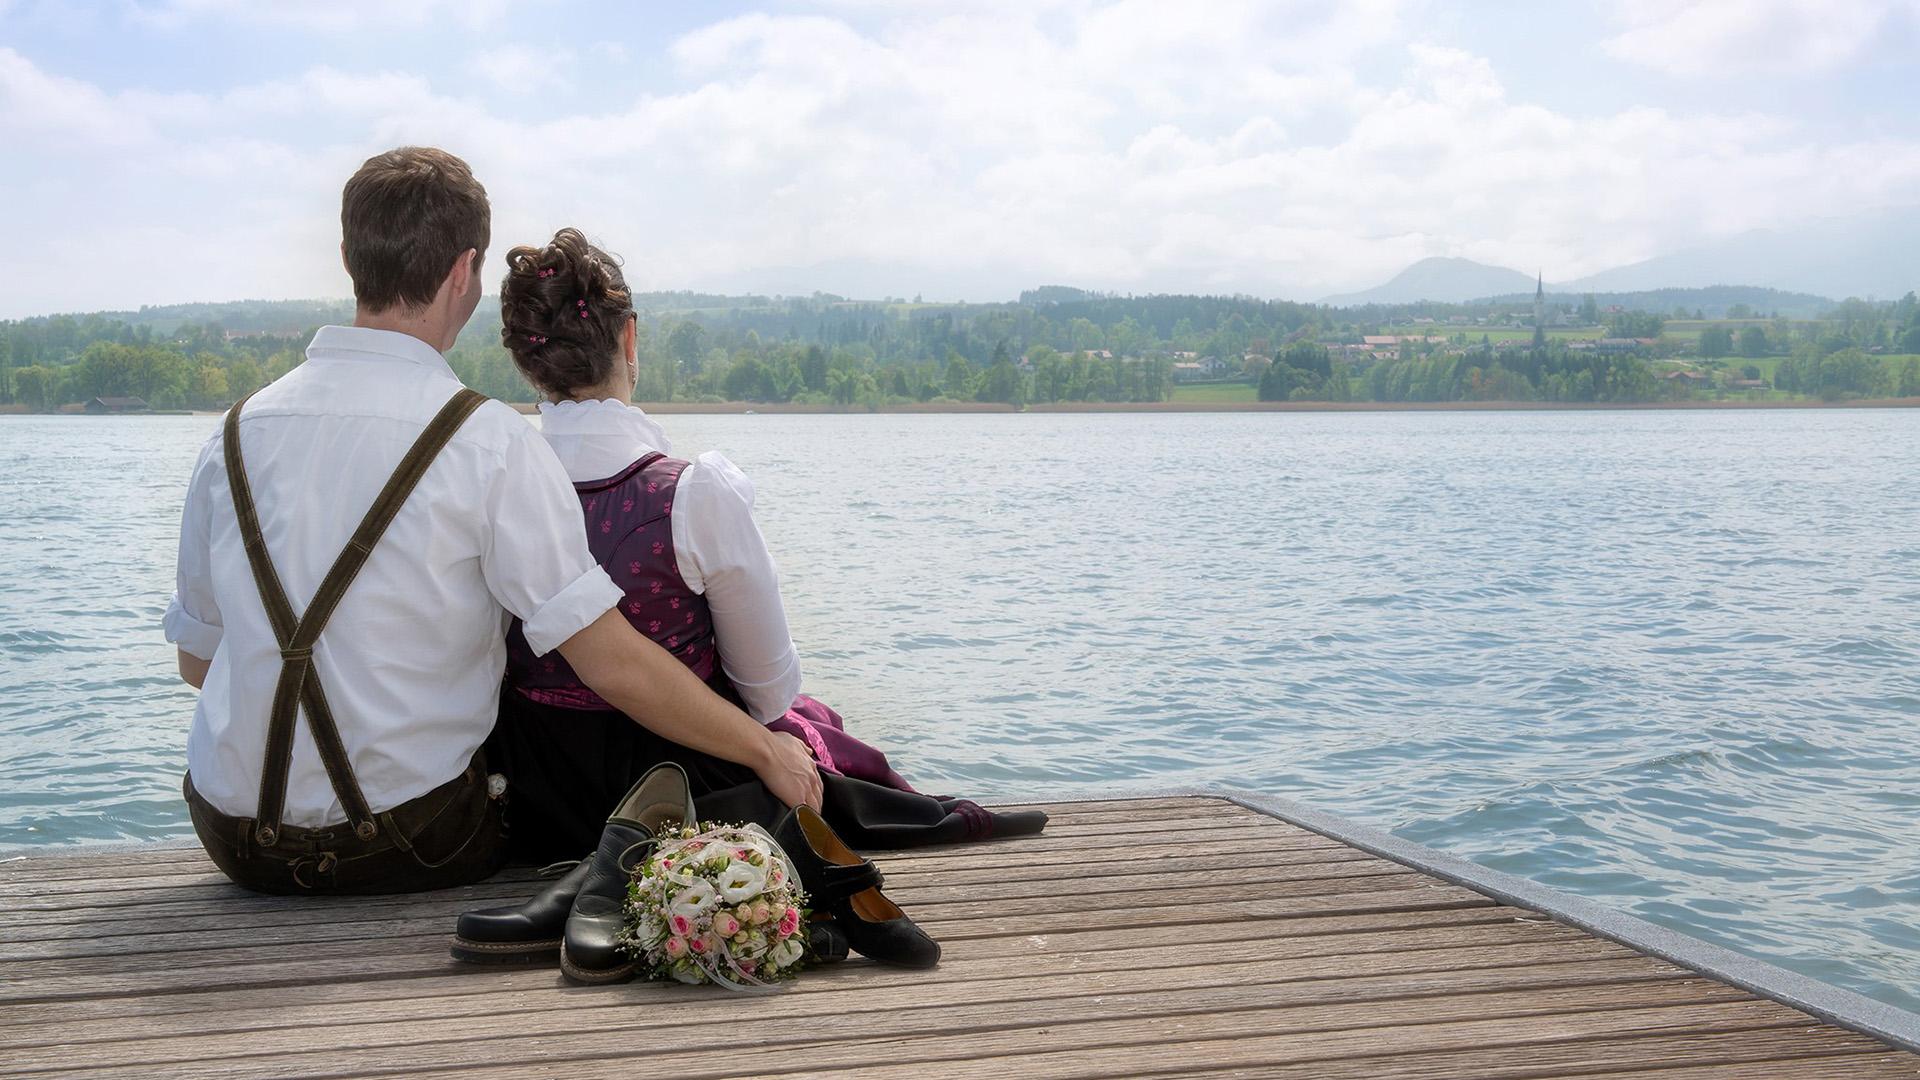 Hochzeitsfotos vom Ehepaar auf einem Steg im Simssee und die Berge im Chiemgau im Hintergrund